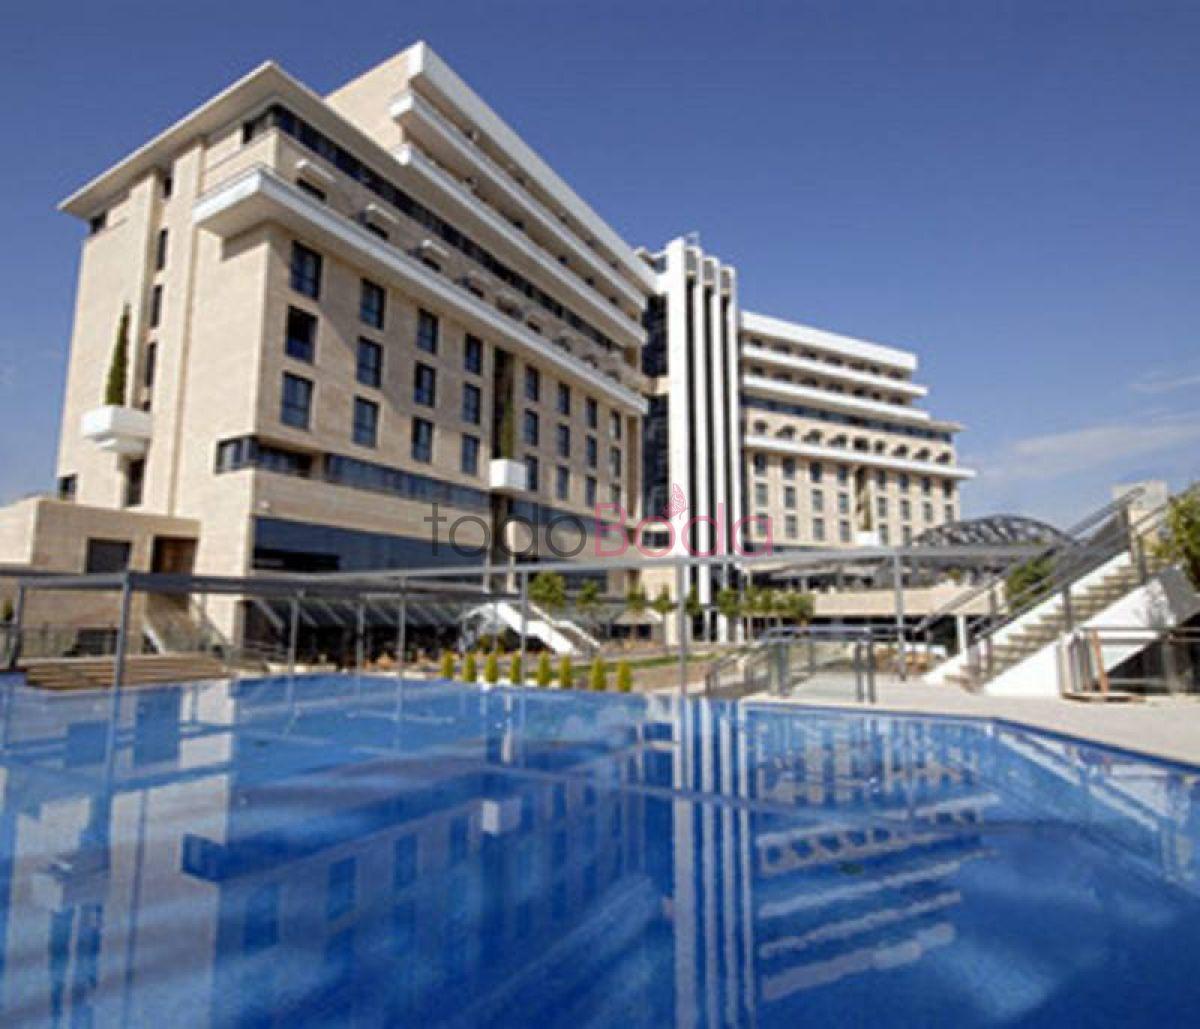 Los 10 mejores hoteles para bodas en murcia - Hoteles con cocina en madrid ...